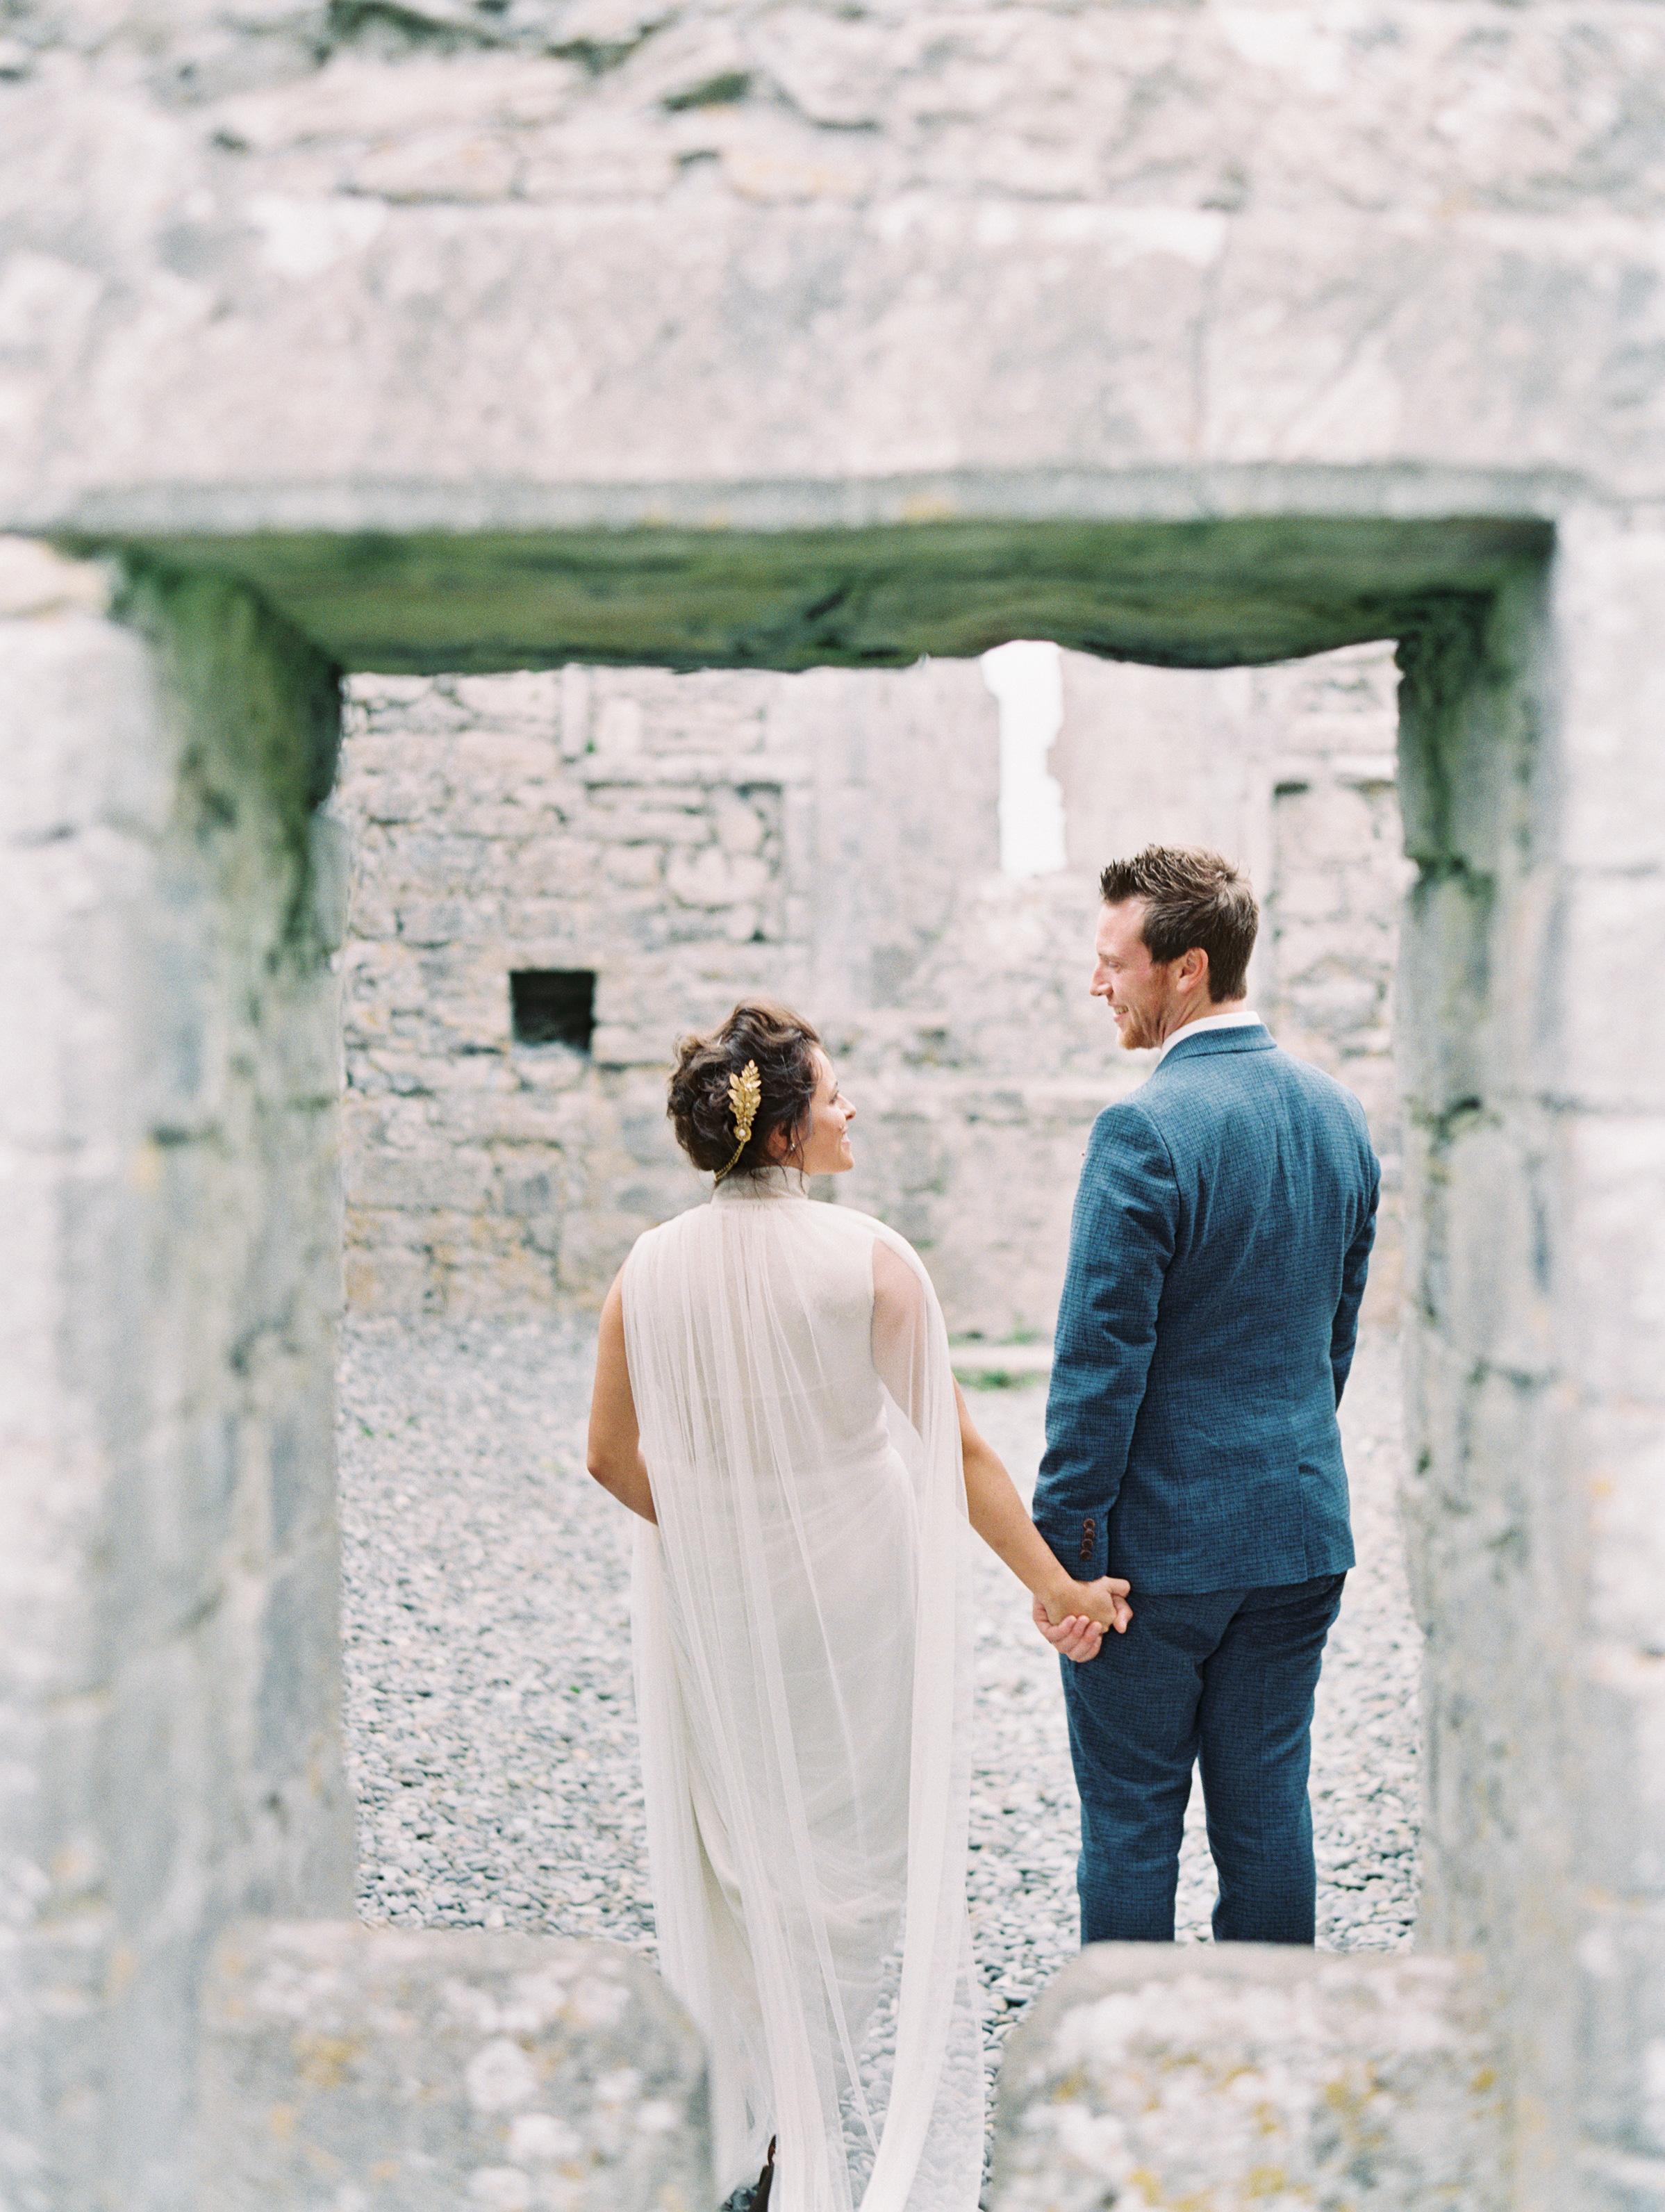 wedding couple old chapel window